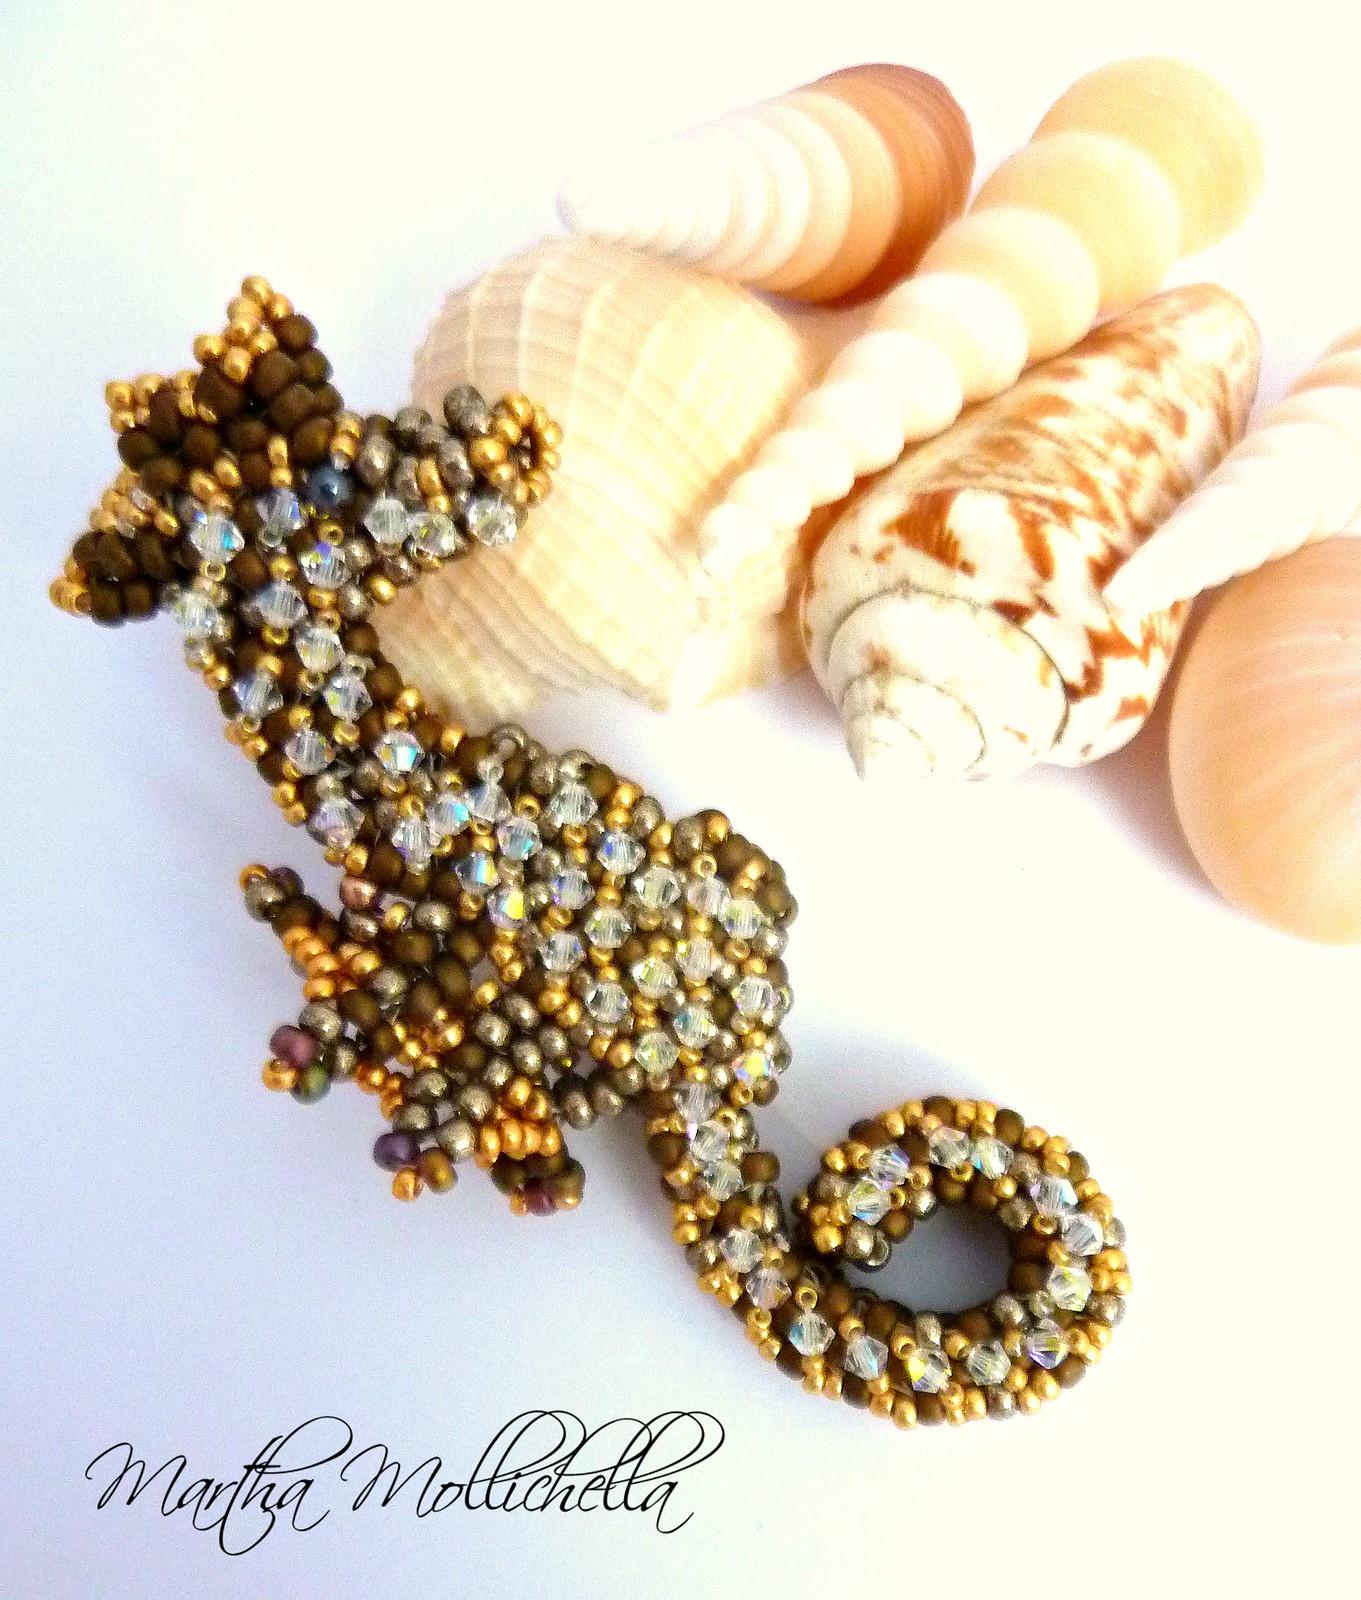 cavalluccio marino ippocampo by martha mollichella